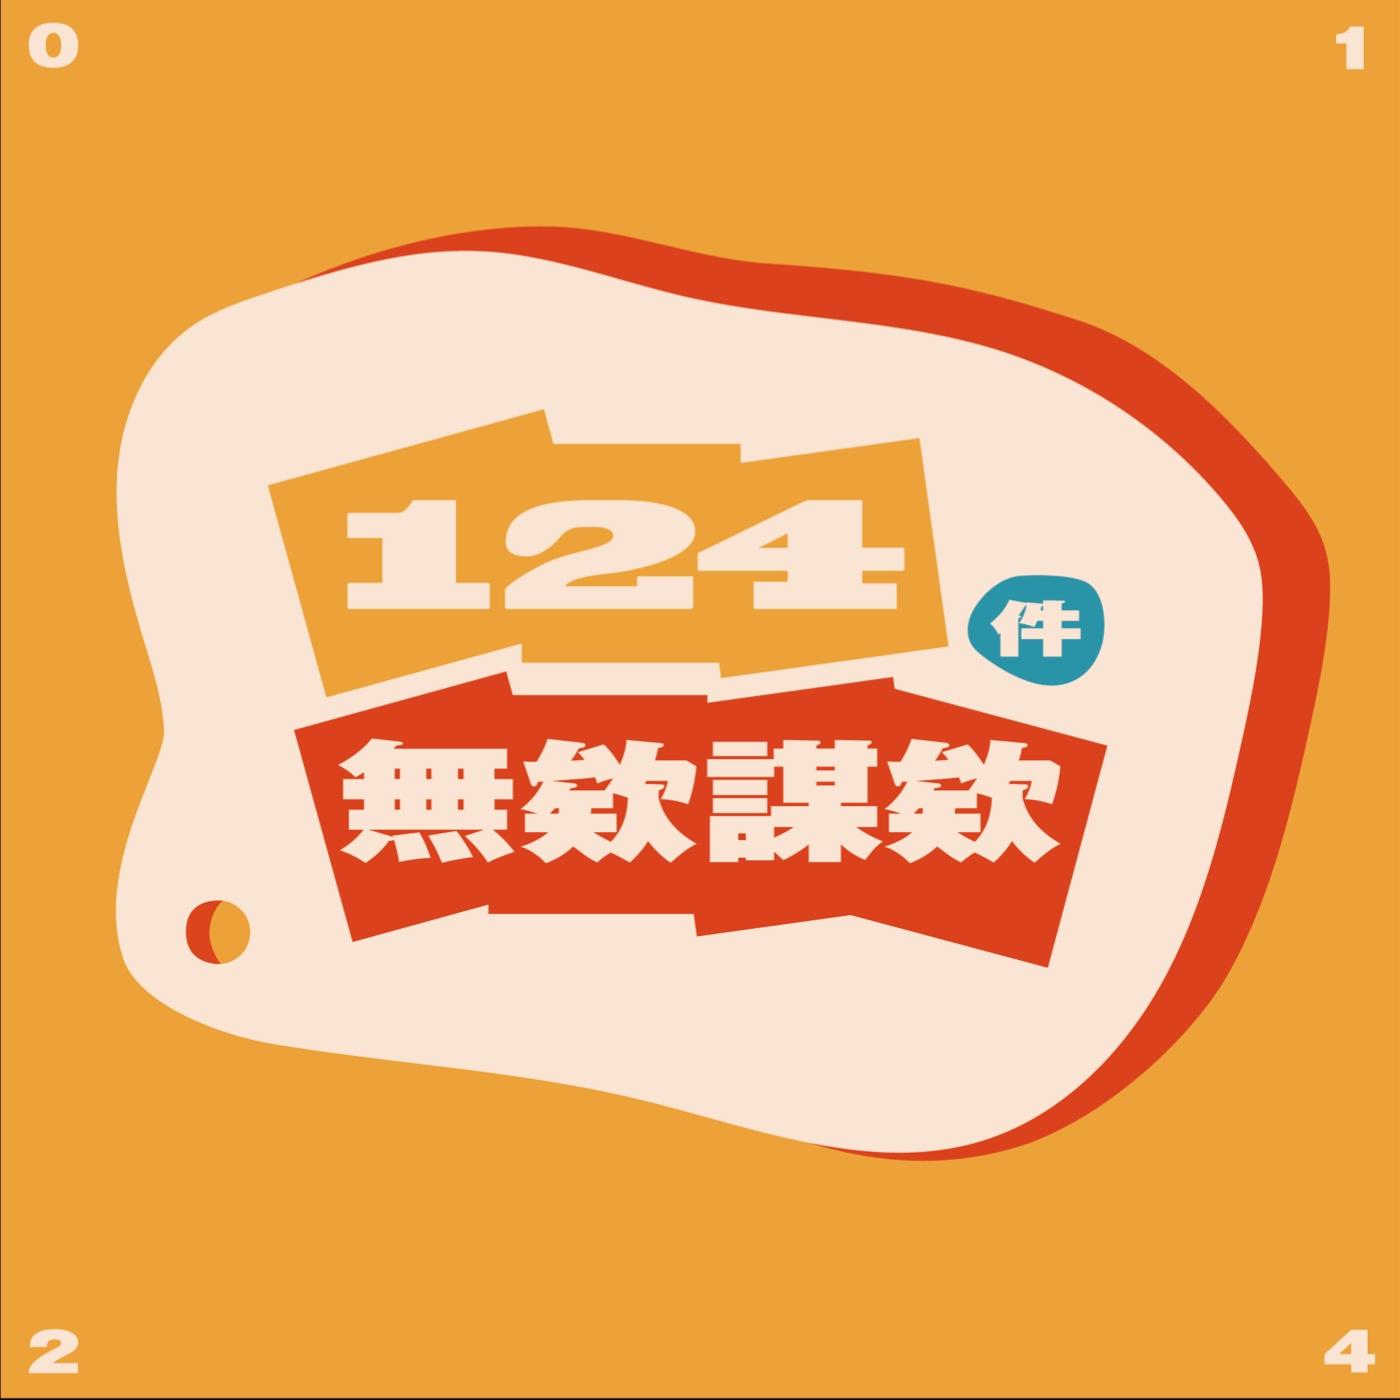 EP13. 無欸閒聊 - 《男戀時》微觀後 & 缺水日常 & 未滿18禁止喝飲料?